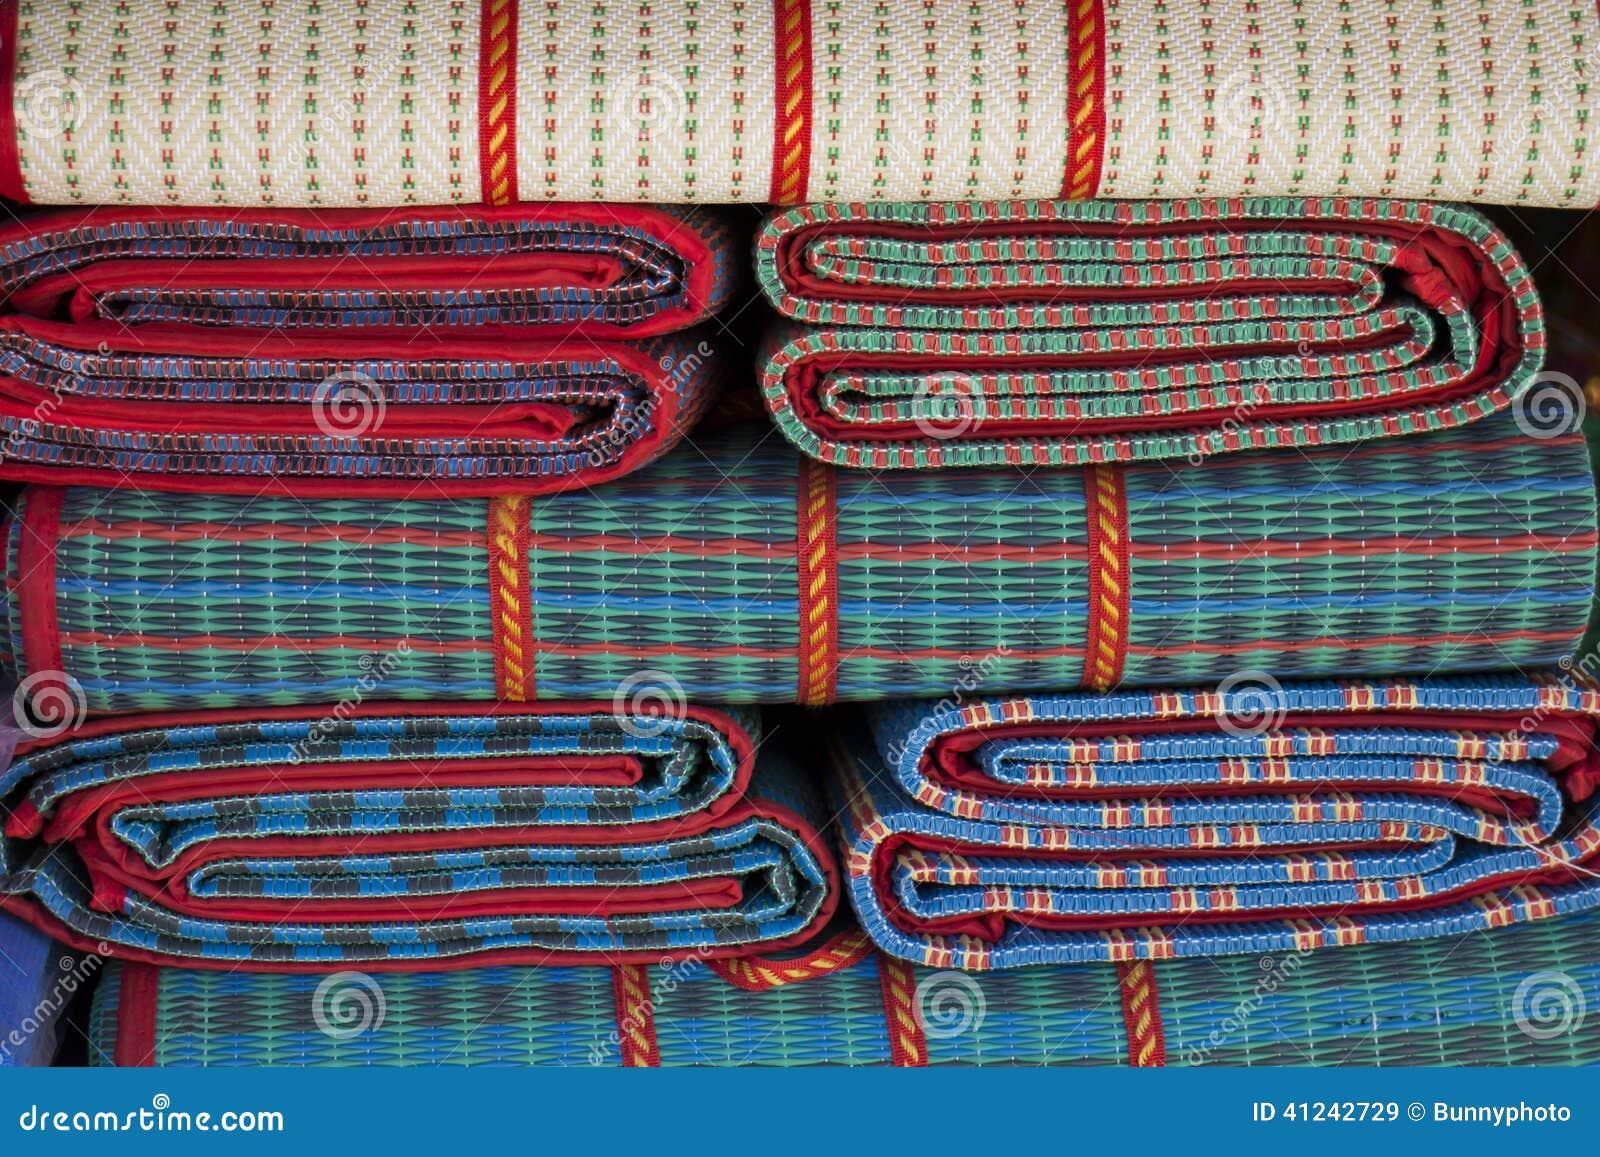 tapis en plastique image stock image du configuration. Black Bedroom Furniture Sets. Home Design Ideas